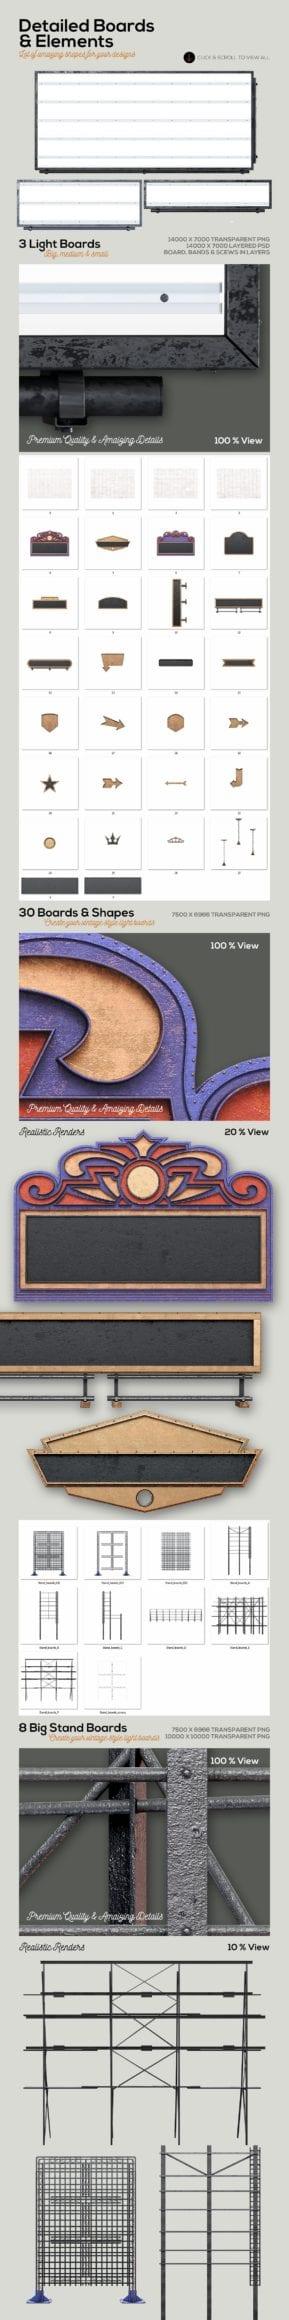 marqueelightbulbsfrontview07b  - Efekt Vintage 3D svetených panelov za 19 dolárov!